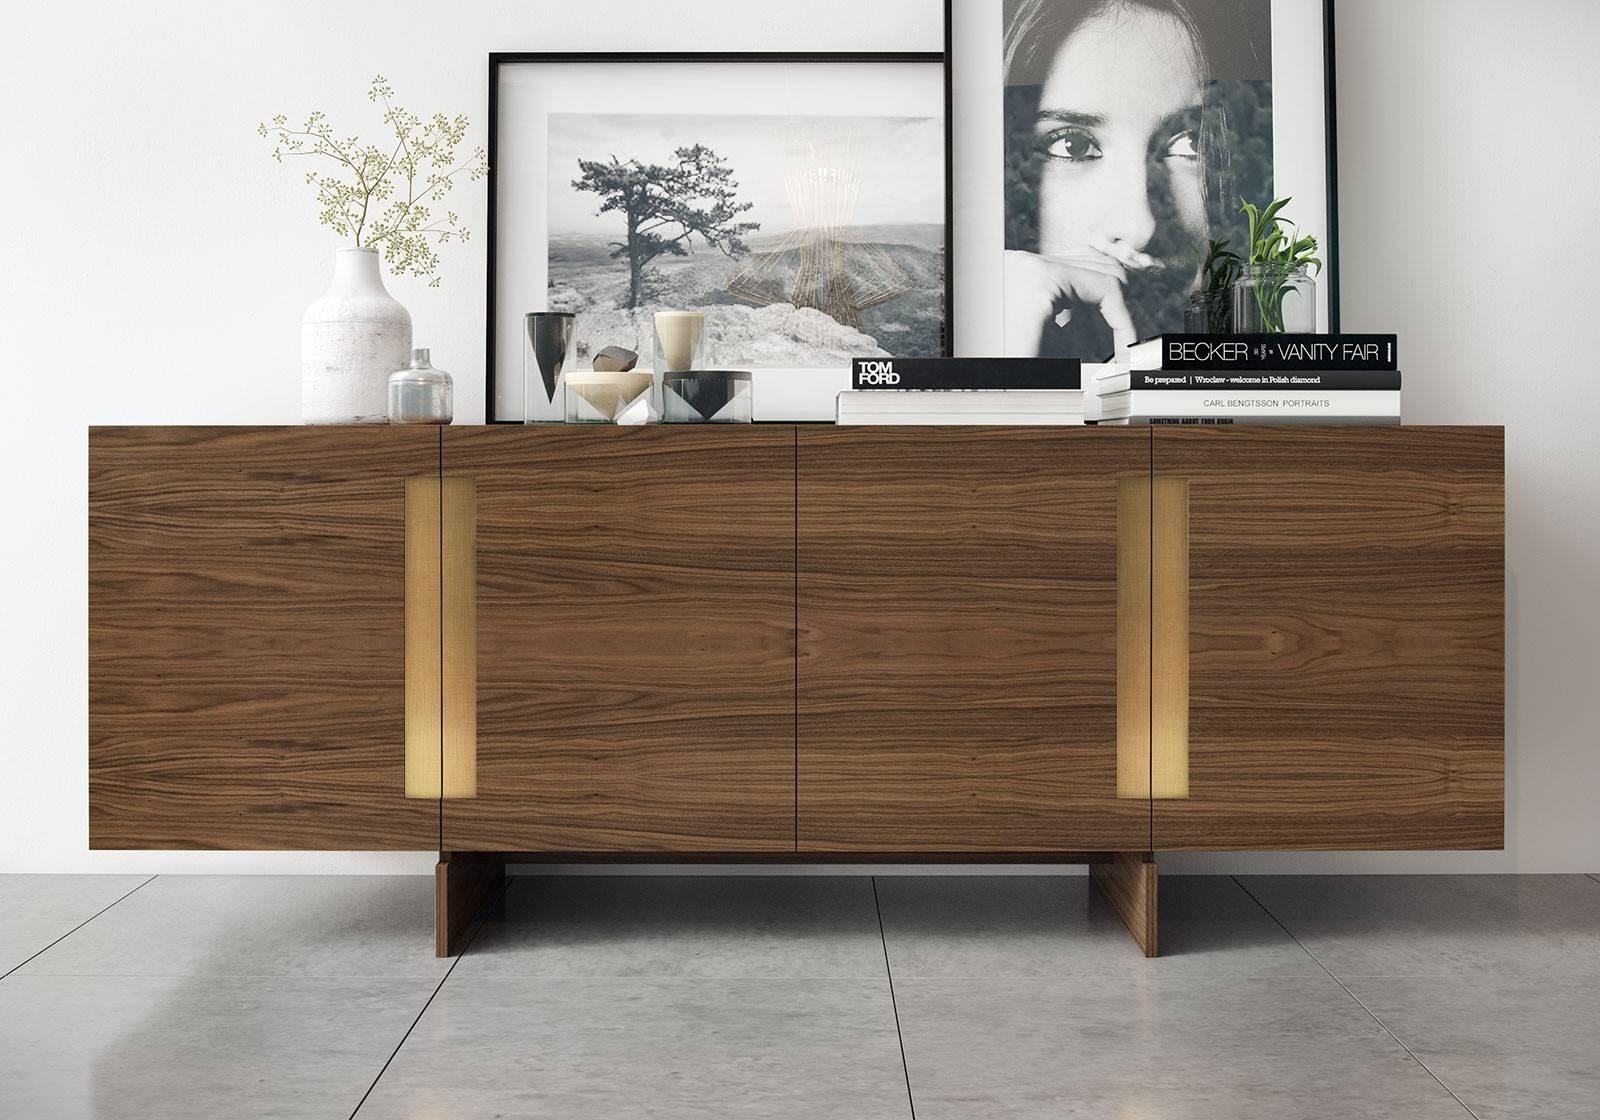 Furniture: Beautiful Profile Modern Sideboard For Living Room inside Sideboards For Living Room (Image 8 of 30)